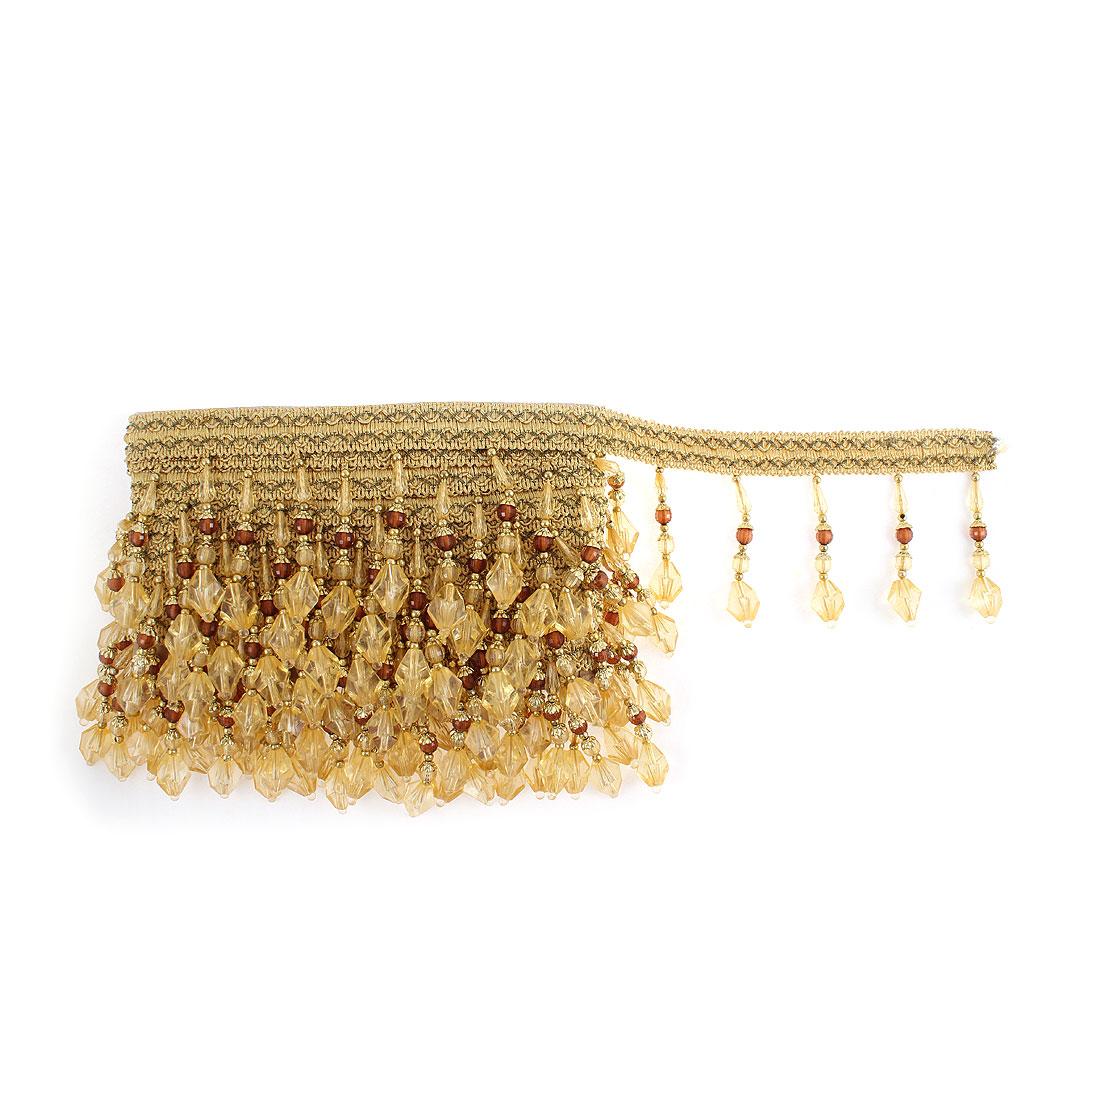 Drapery Curtain DIY Beads Tassel Fringe Trim 6.5M Length